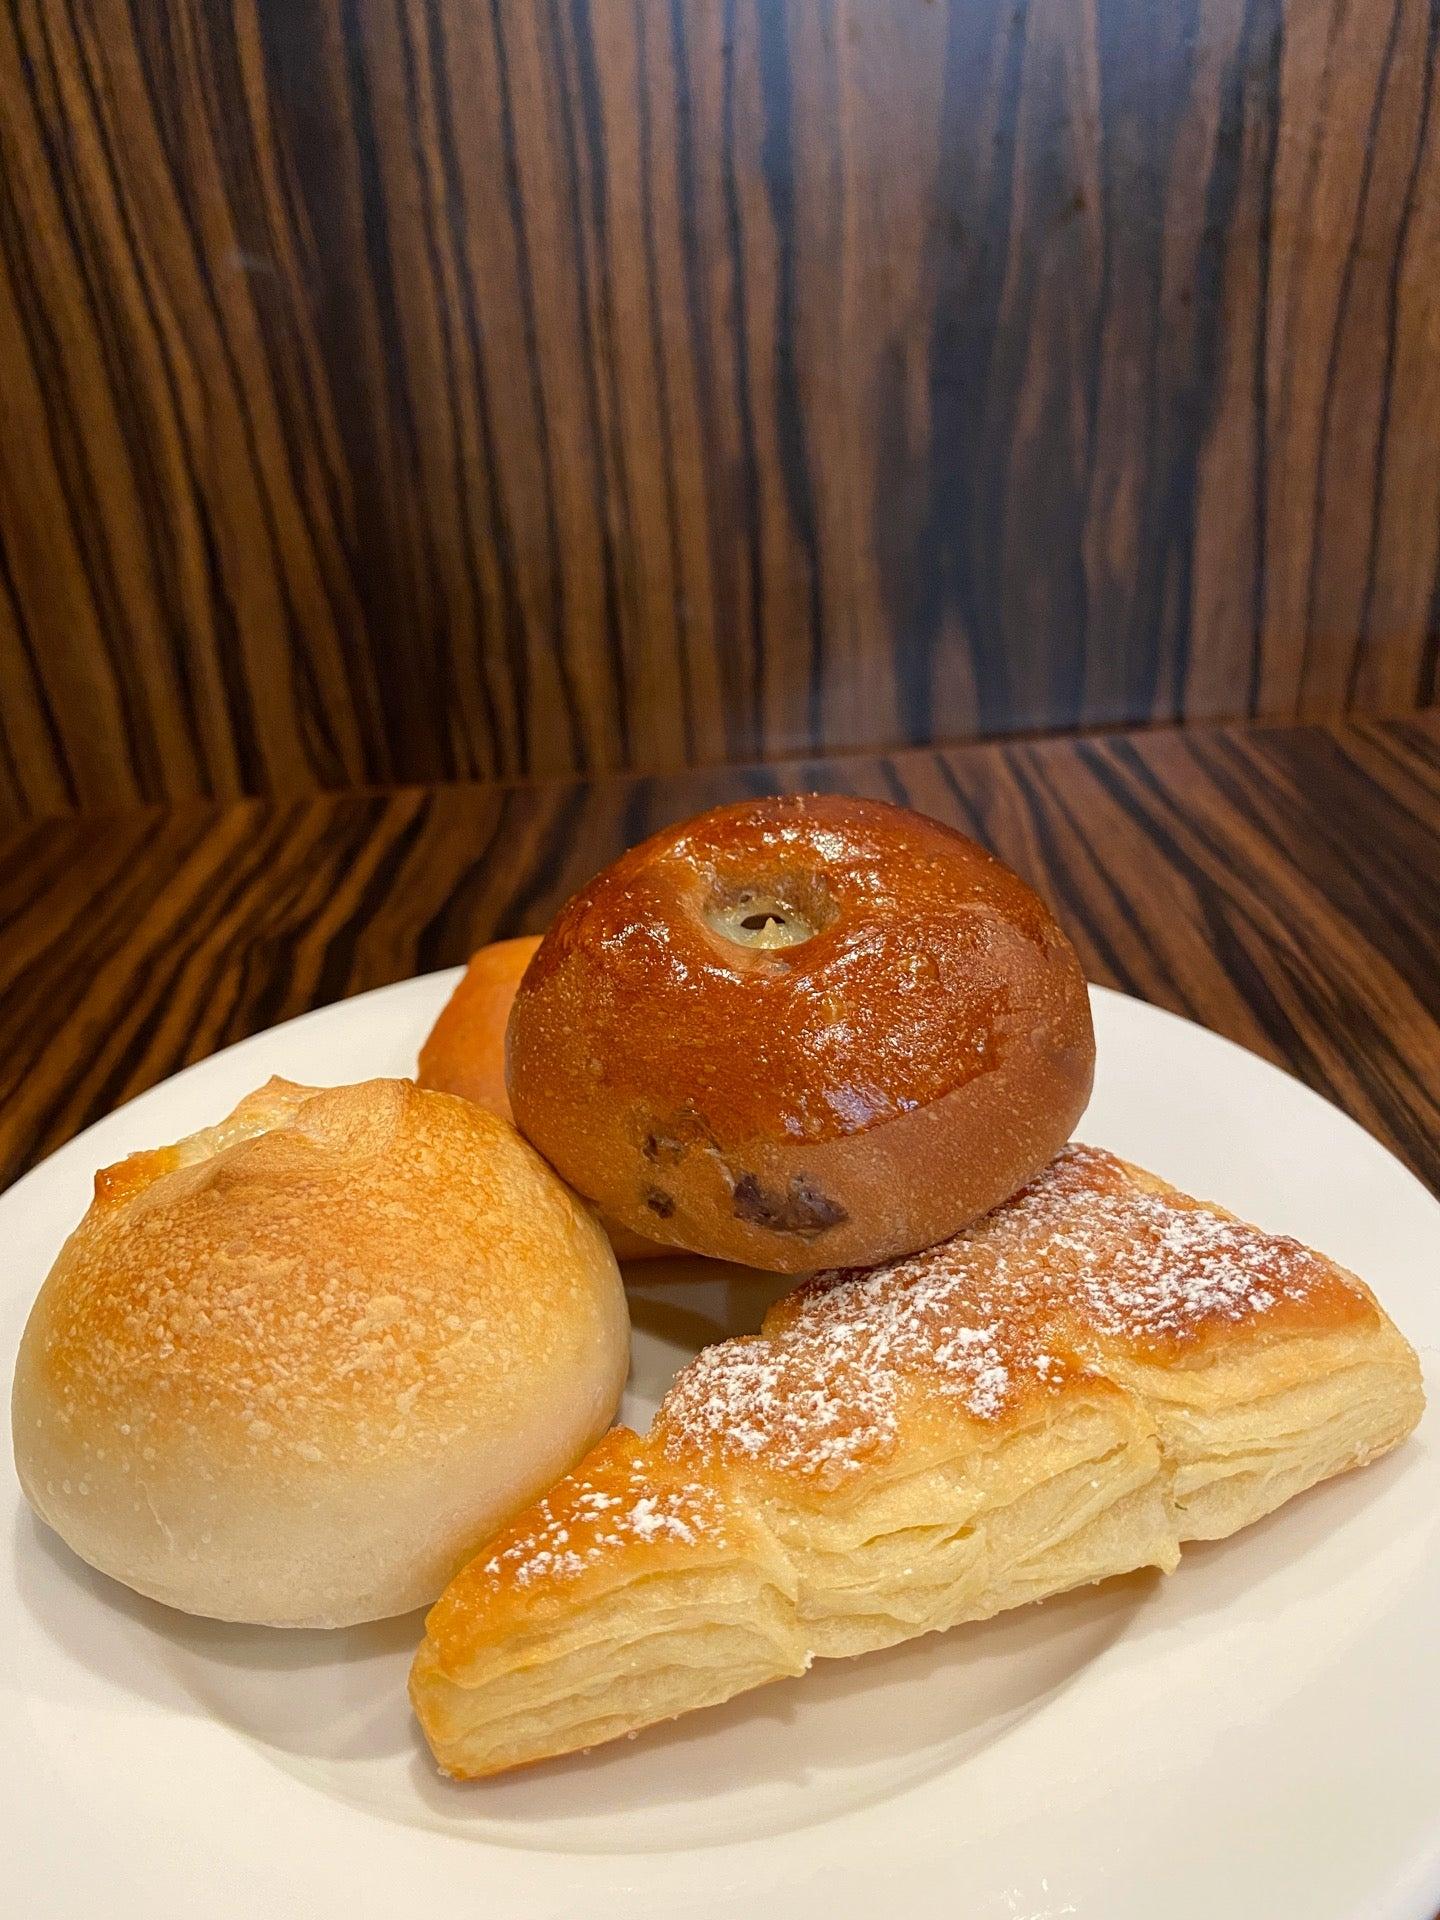 チョコバナナロール、もみの木パン、ゴルゴンゾーラパン、グラタンパン。 (@ BAQET エアポートウォーク店 in 豊山町, 愛知県) https://t.co/0JmHb5RaGz https://t.co/zJebGZ7npe